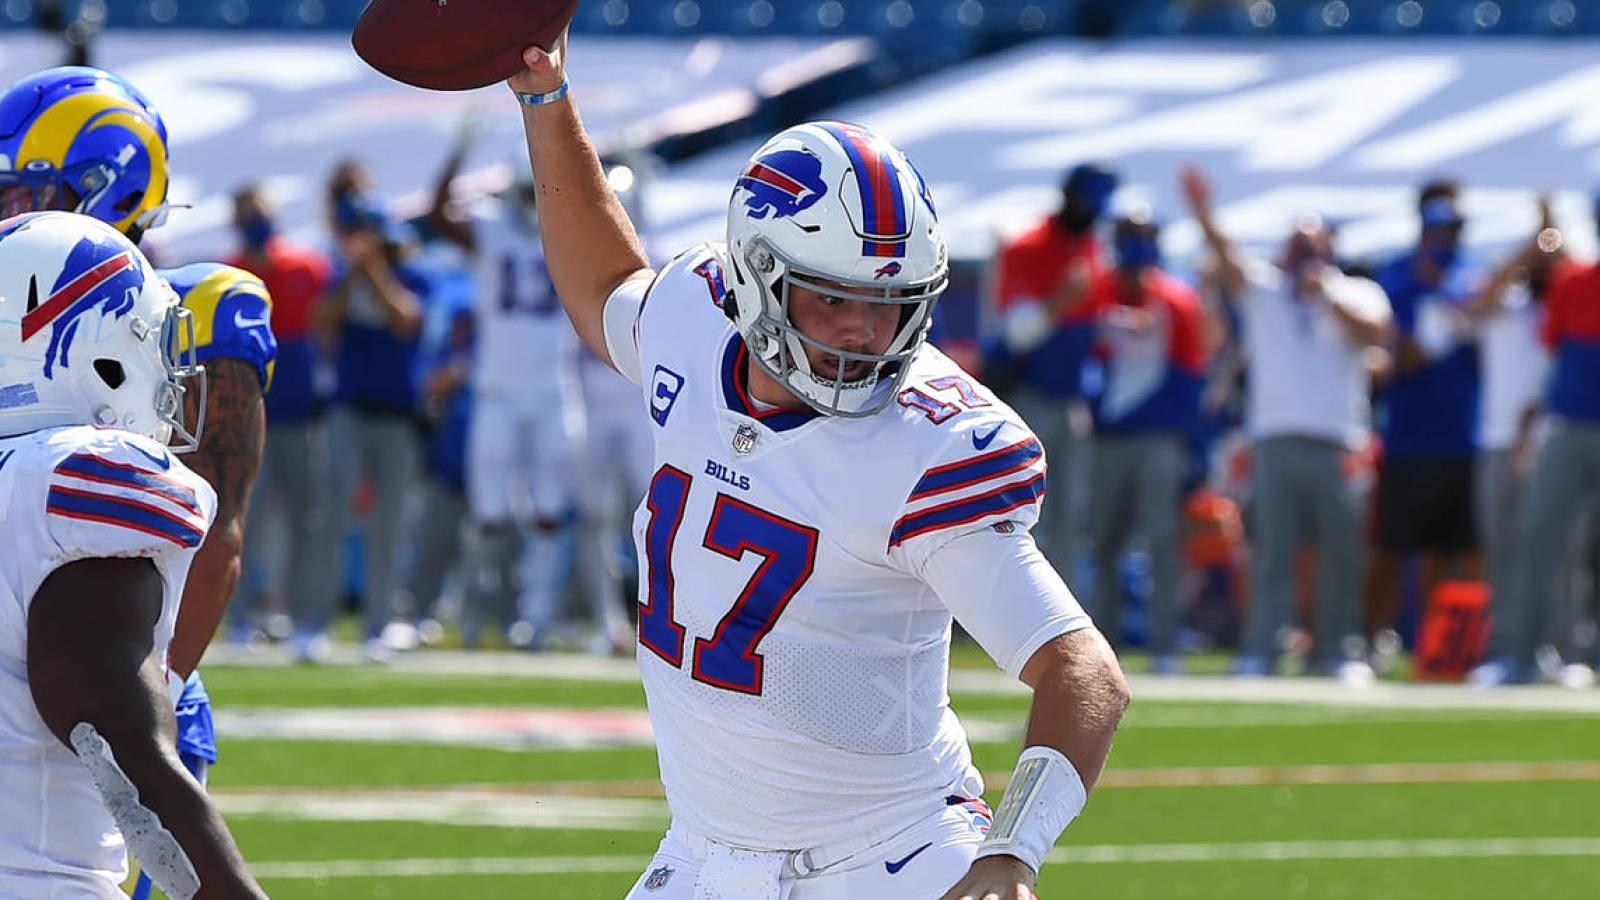 Bills quarterback Josh Allen met een spike na zijn touchdown